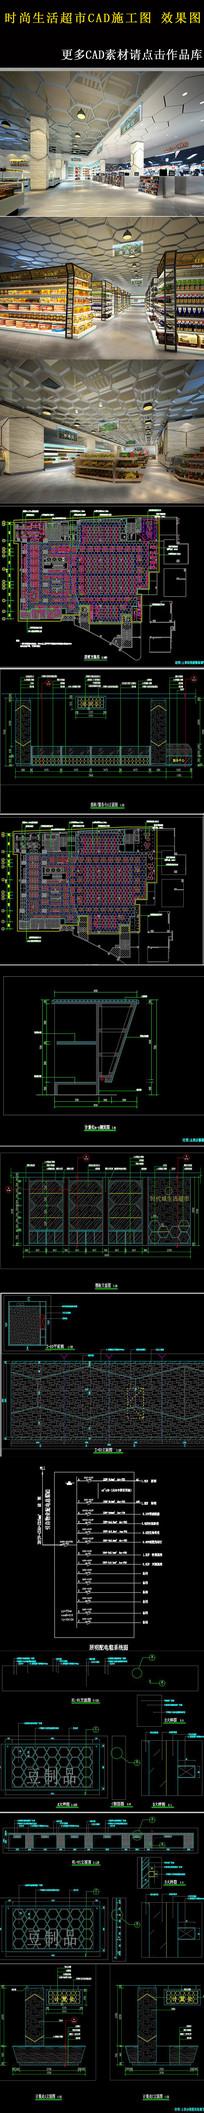 时尚生活超市CAD施工图 效果图